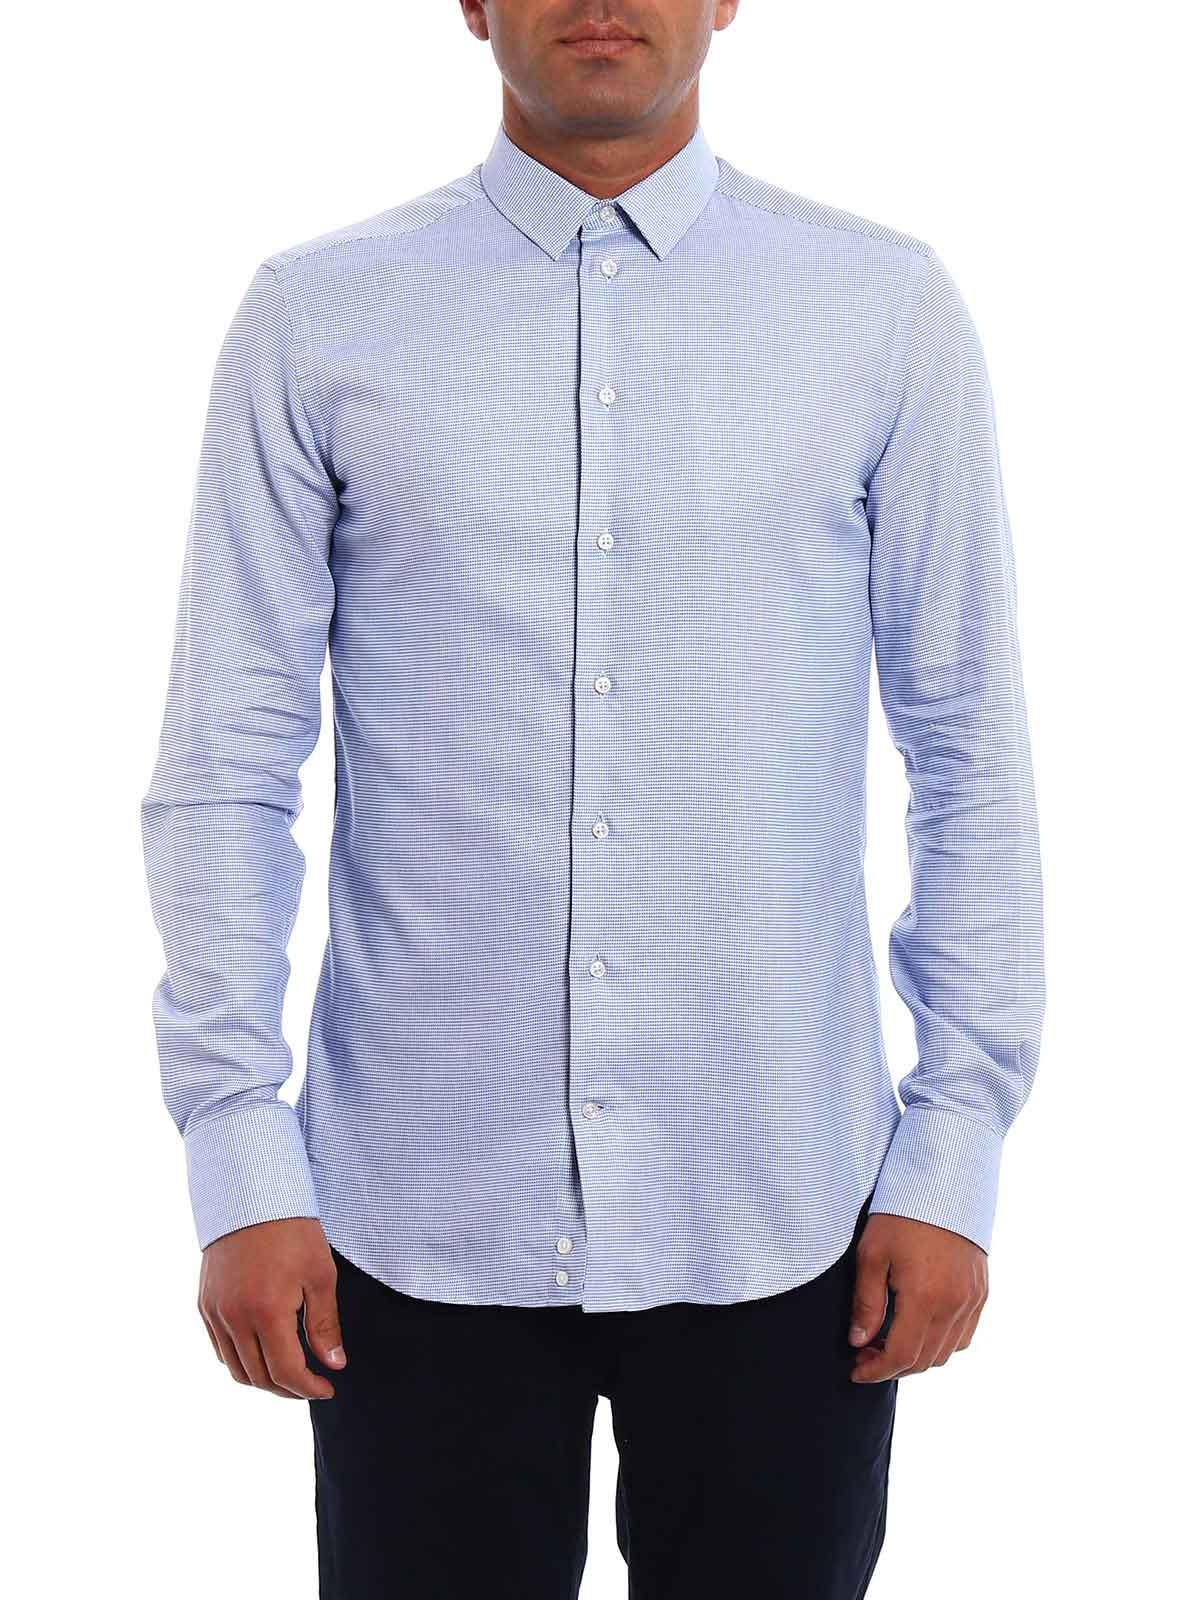 Immagine di ARMANI | Camicie Camicia slim in cotone fantasia